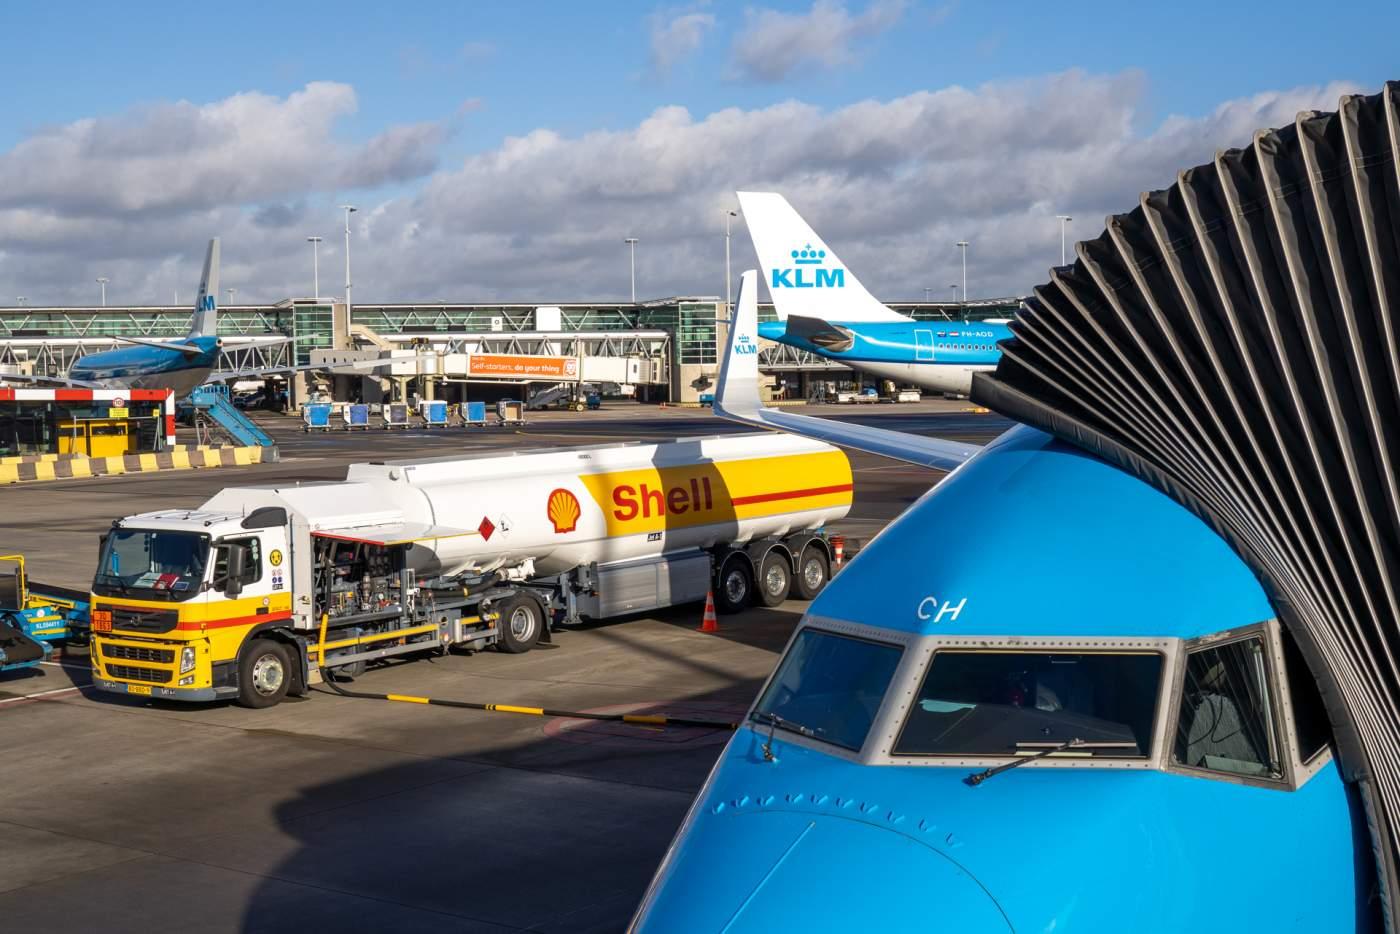 KLM Shell Querosene